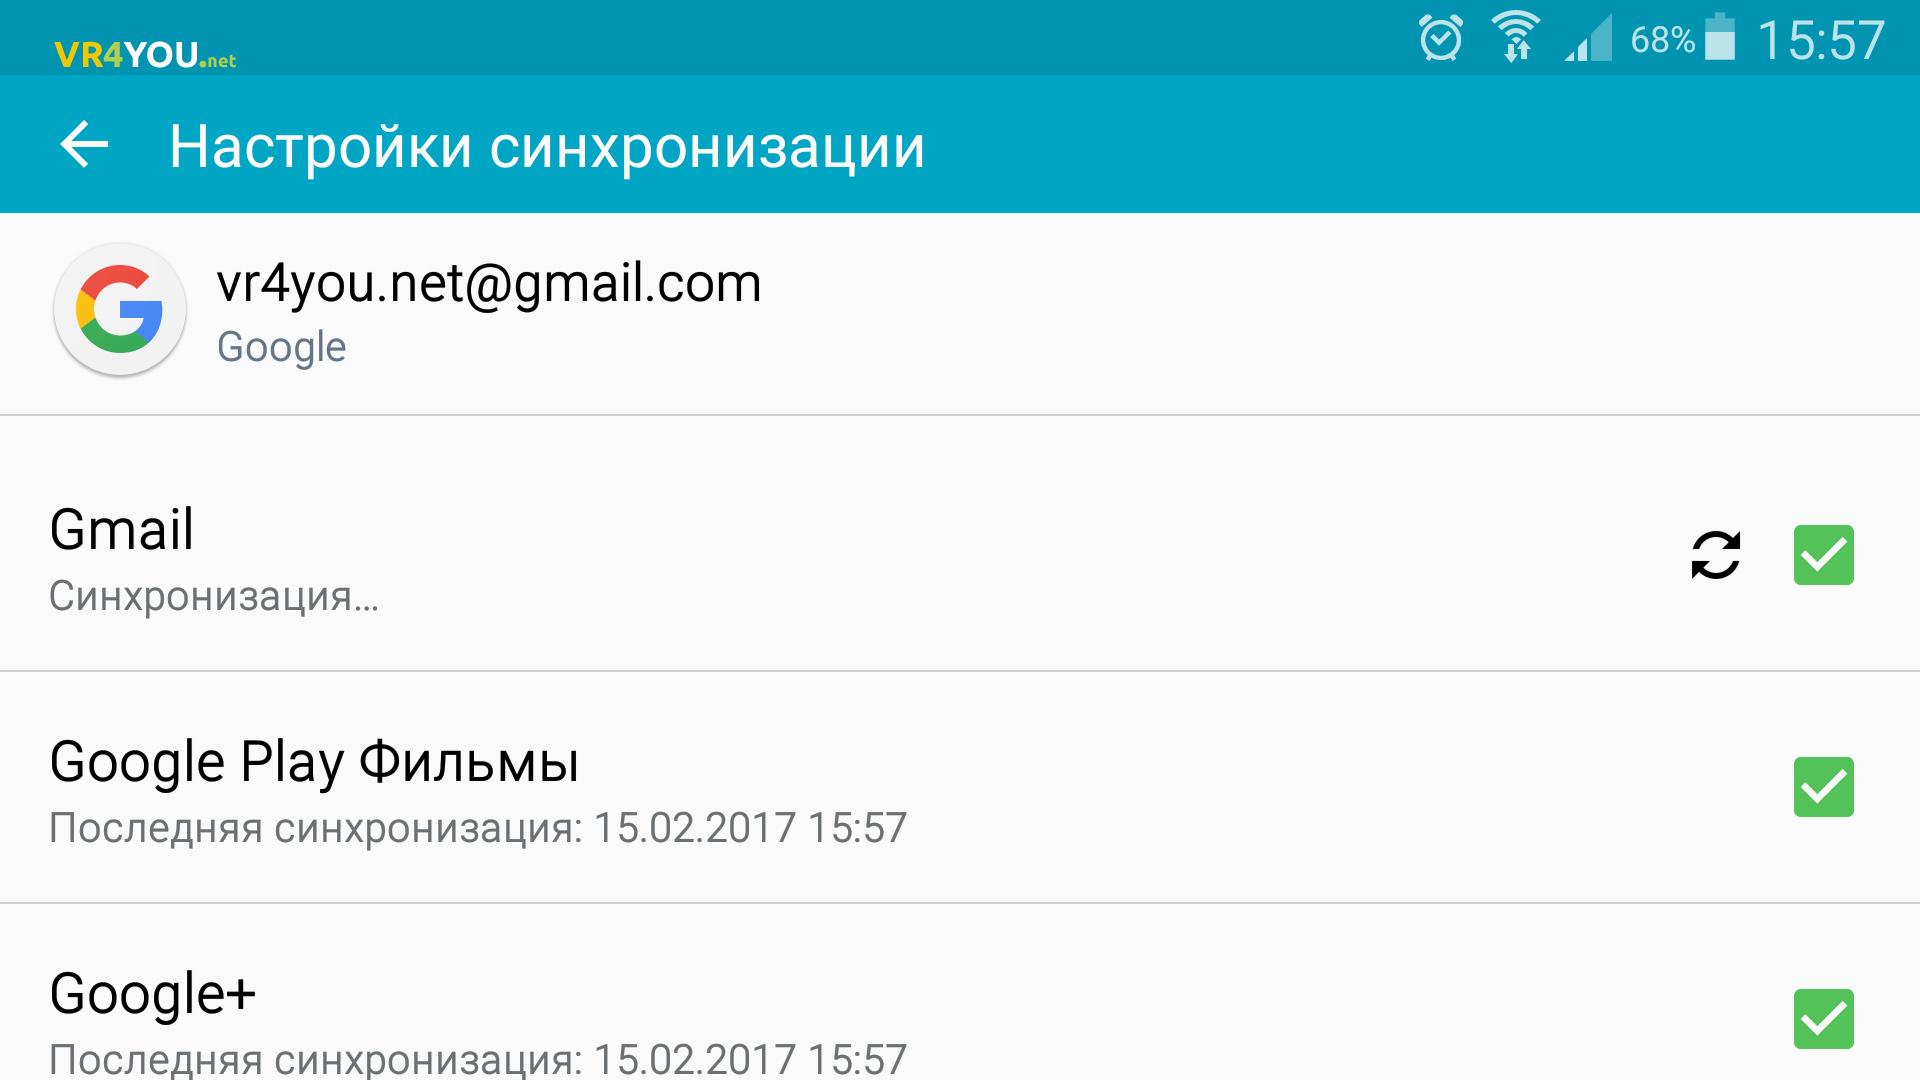 Включение синхронизации аккаунта Google на Android